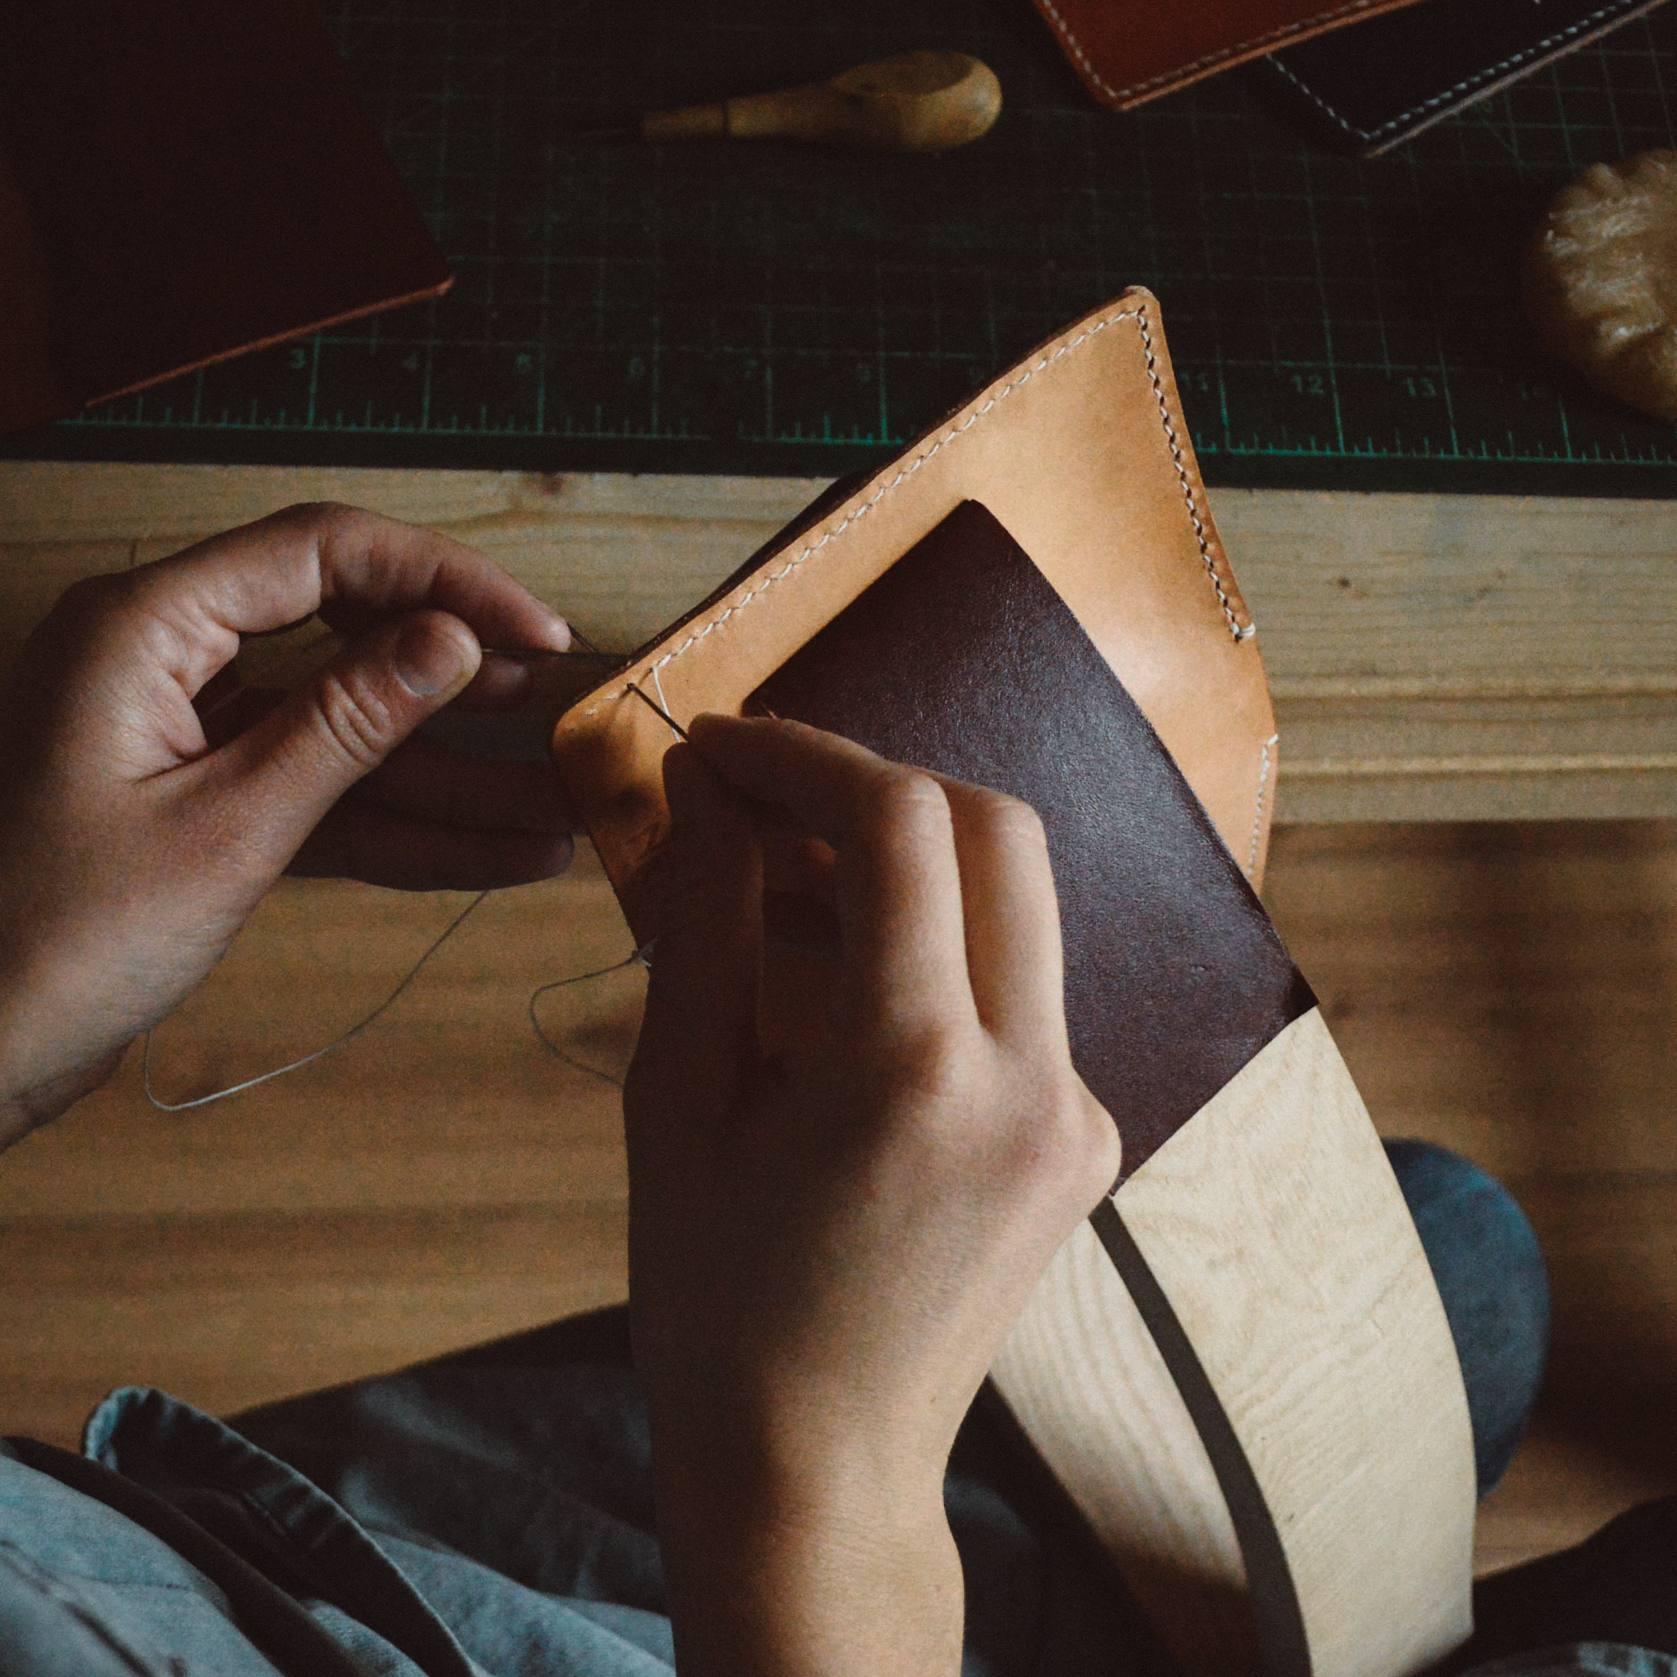 neptuun-leatherwork